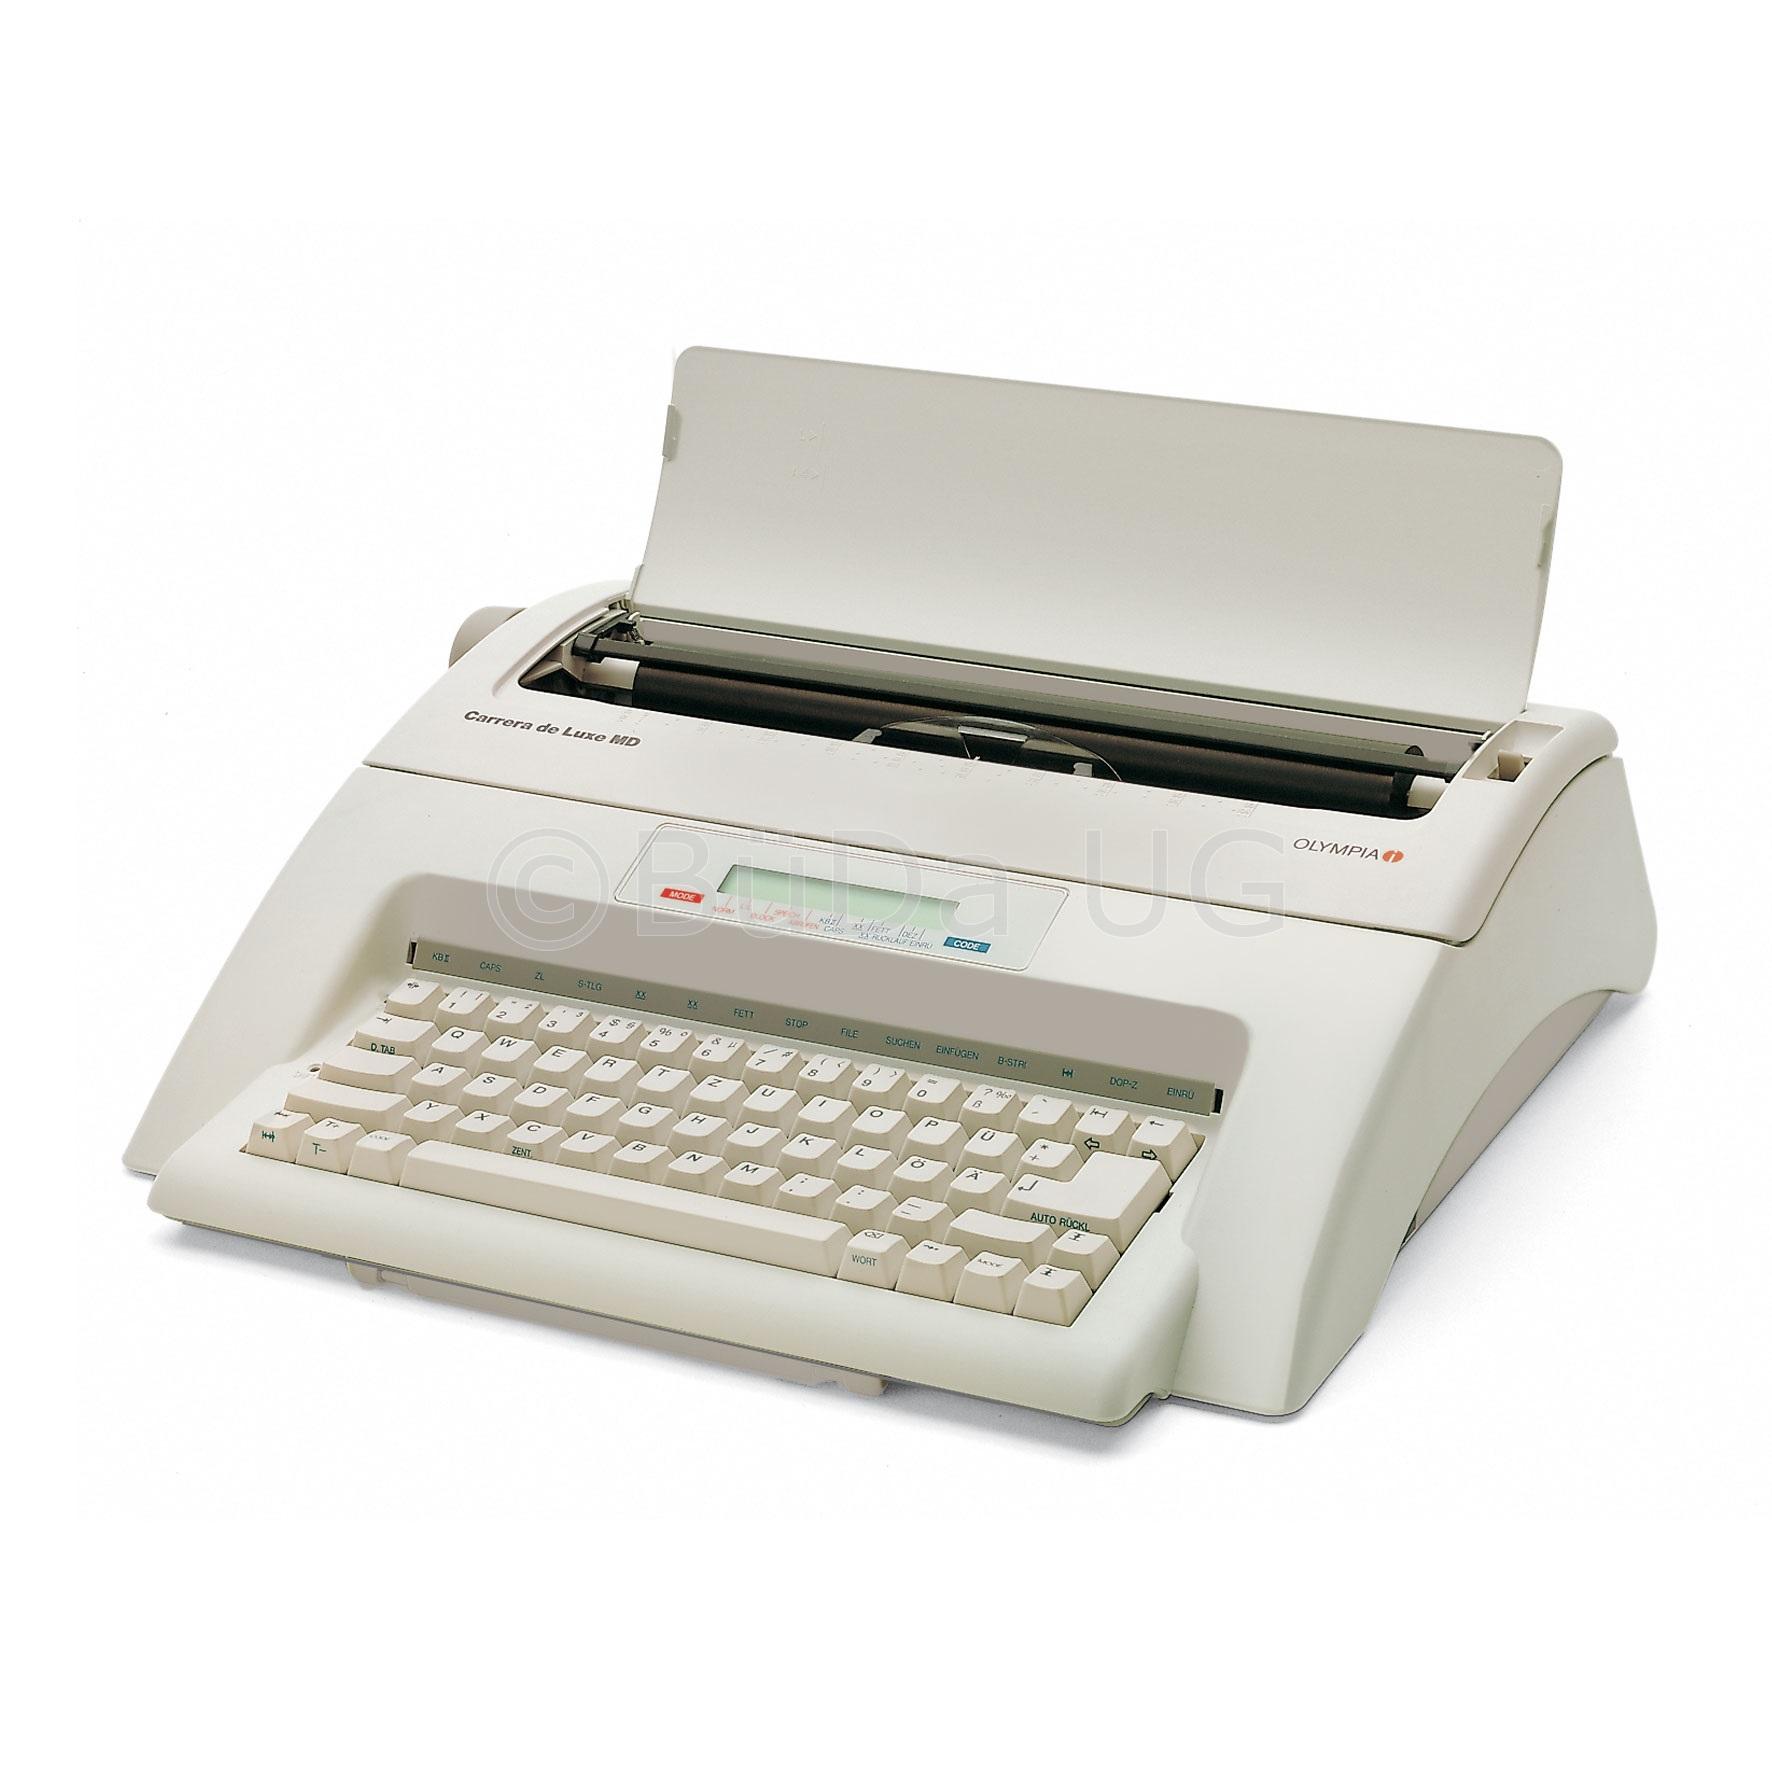 Elektronische Schreibmaschine Modell Olympia Carrera de luxe MD gebraucht, leicht vergilbt, 12 Monate Garantie